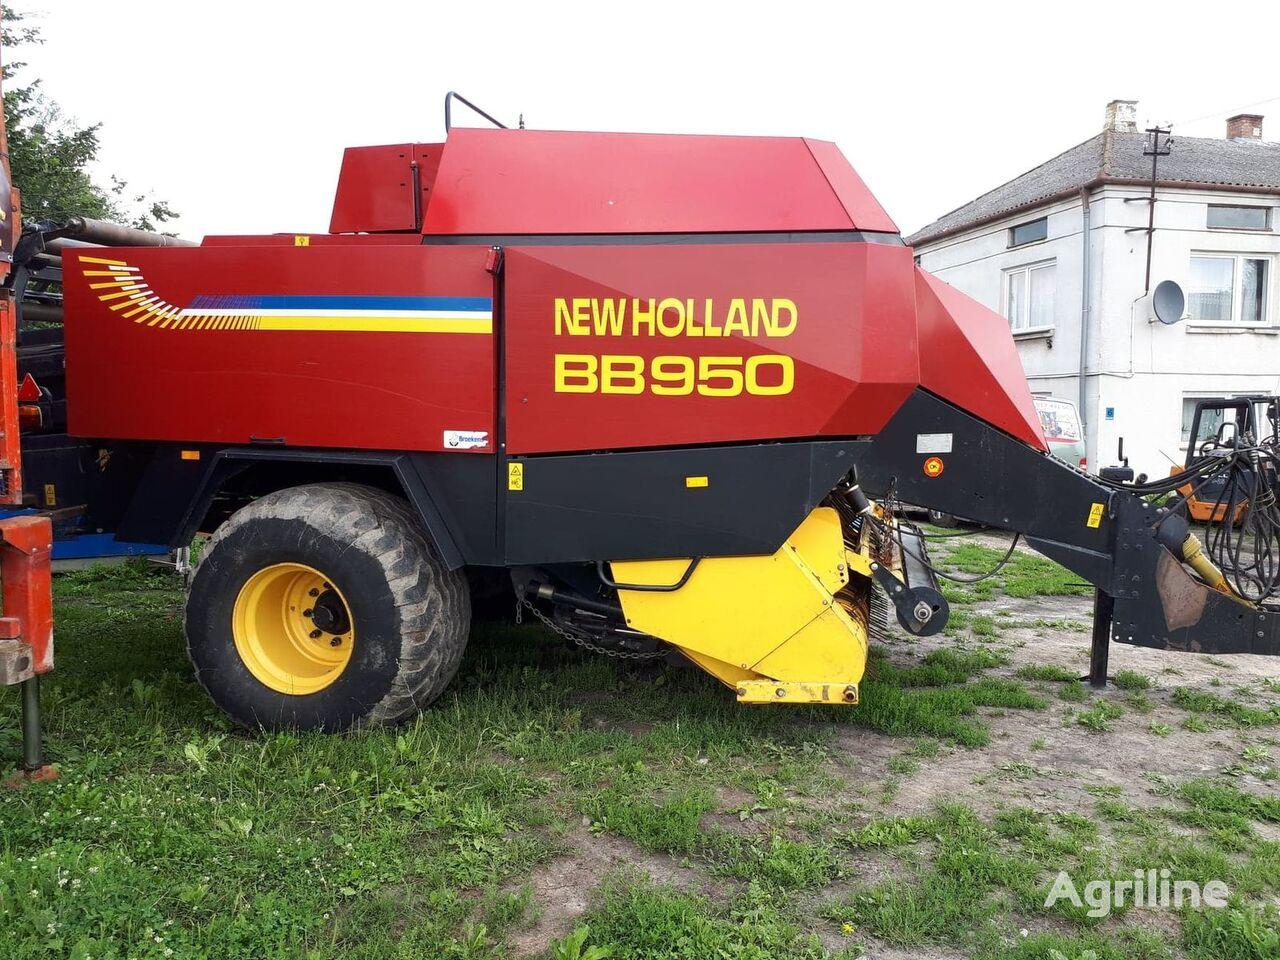 lis na hranaté balíky NEW HOLLAND BB 950 pilnie